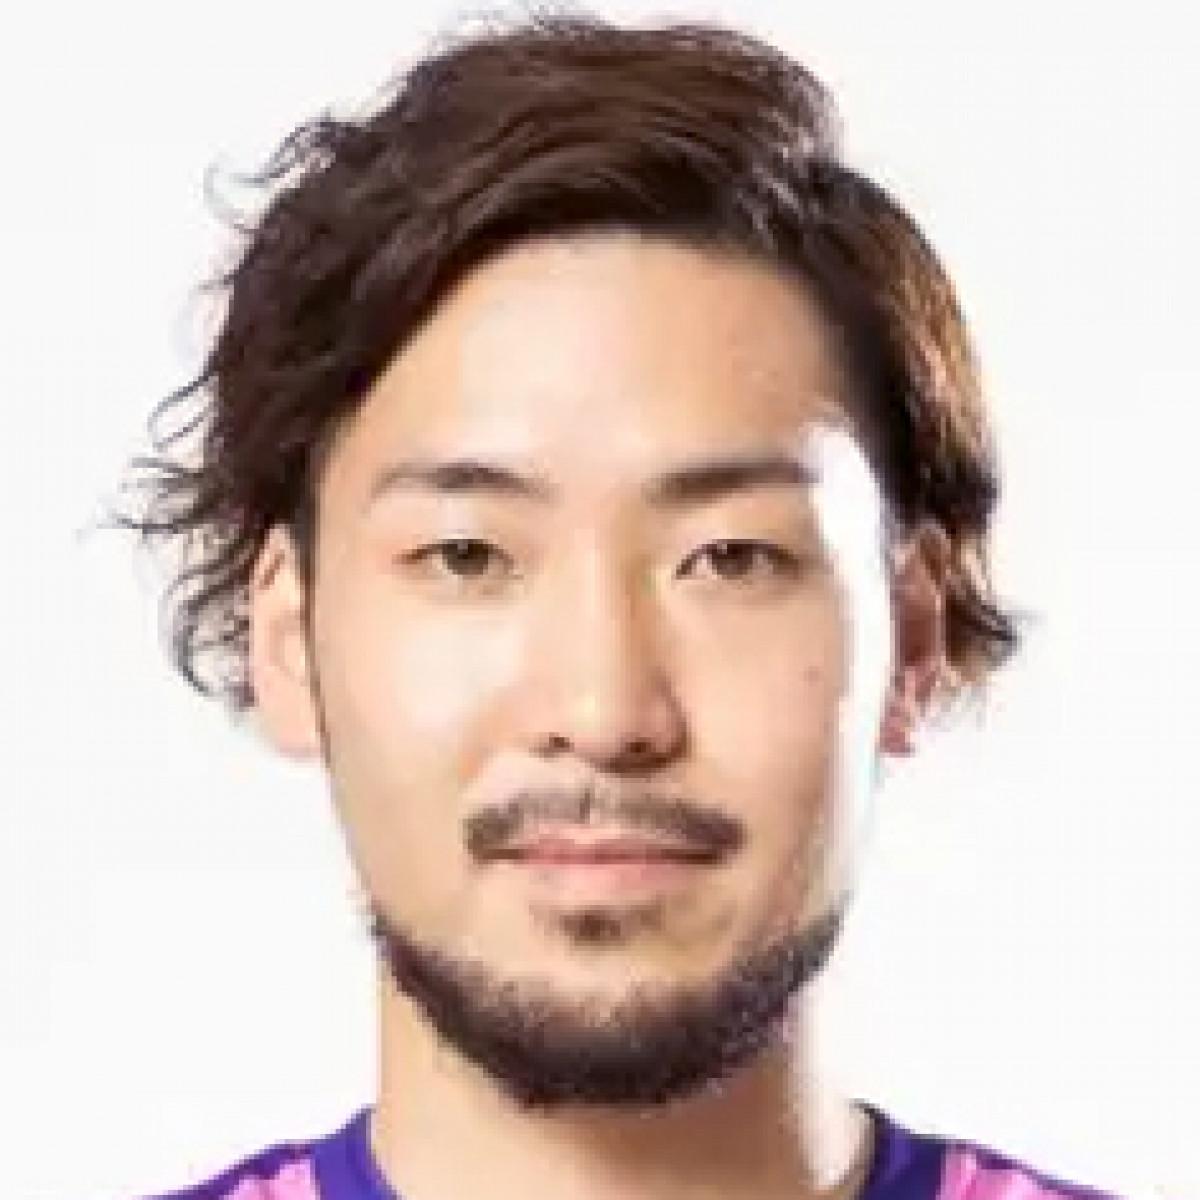 Yuji Kanbara